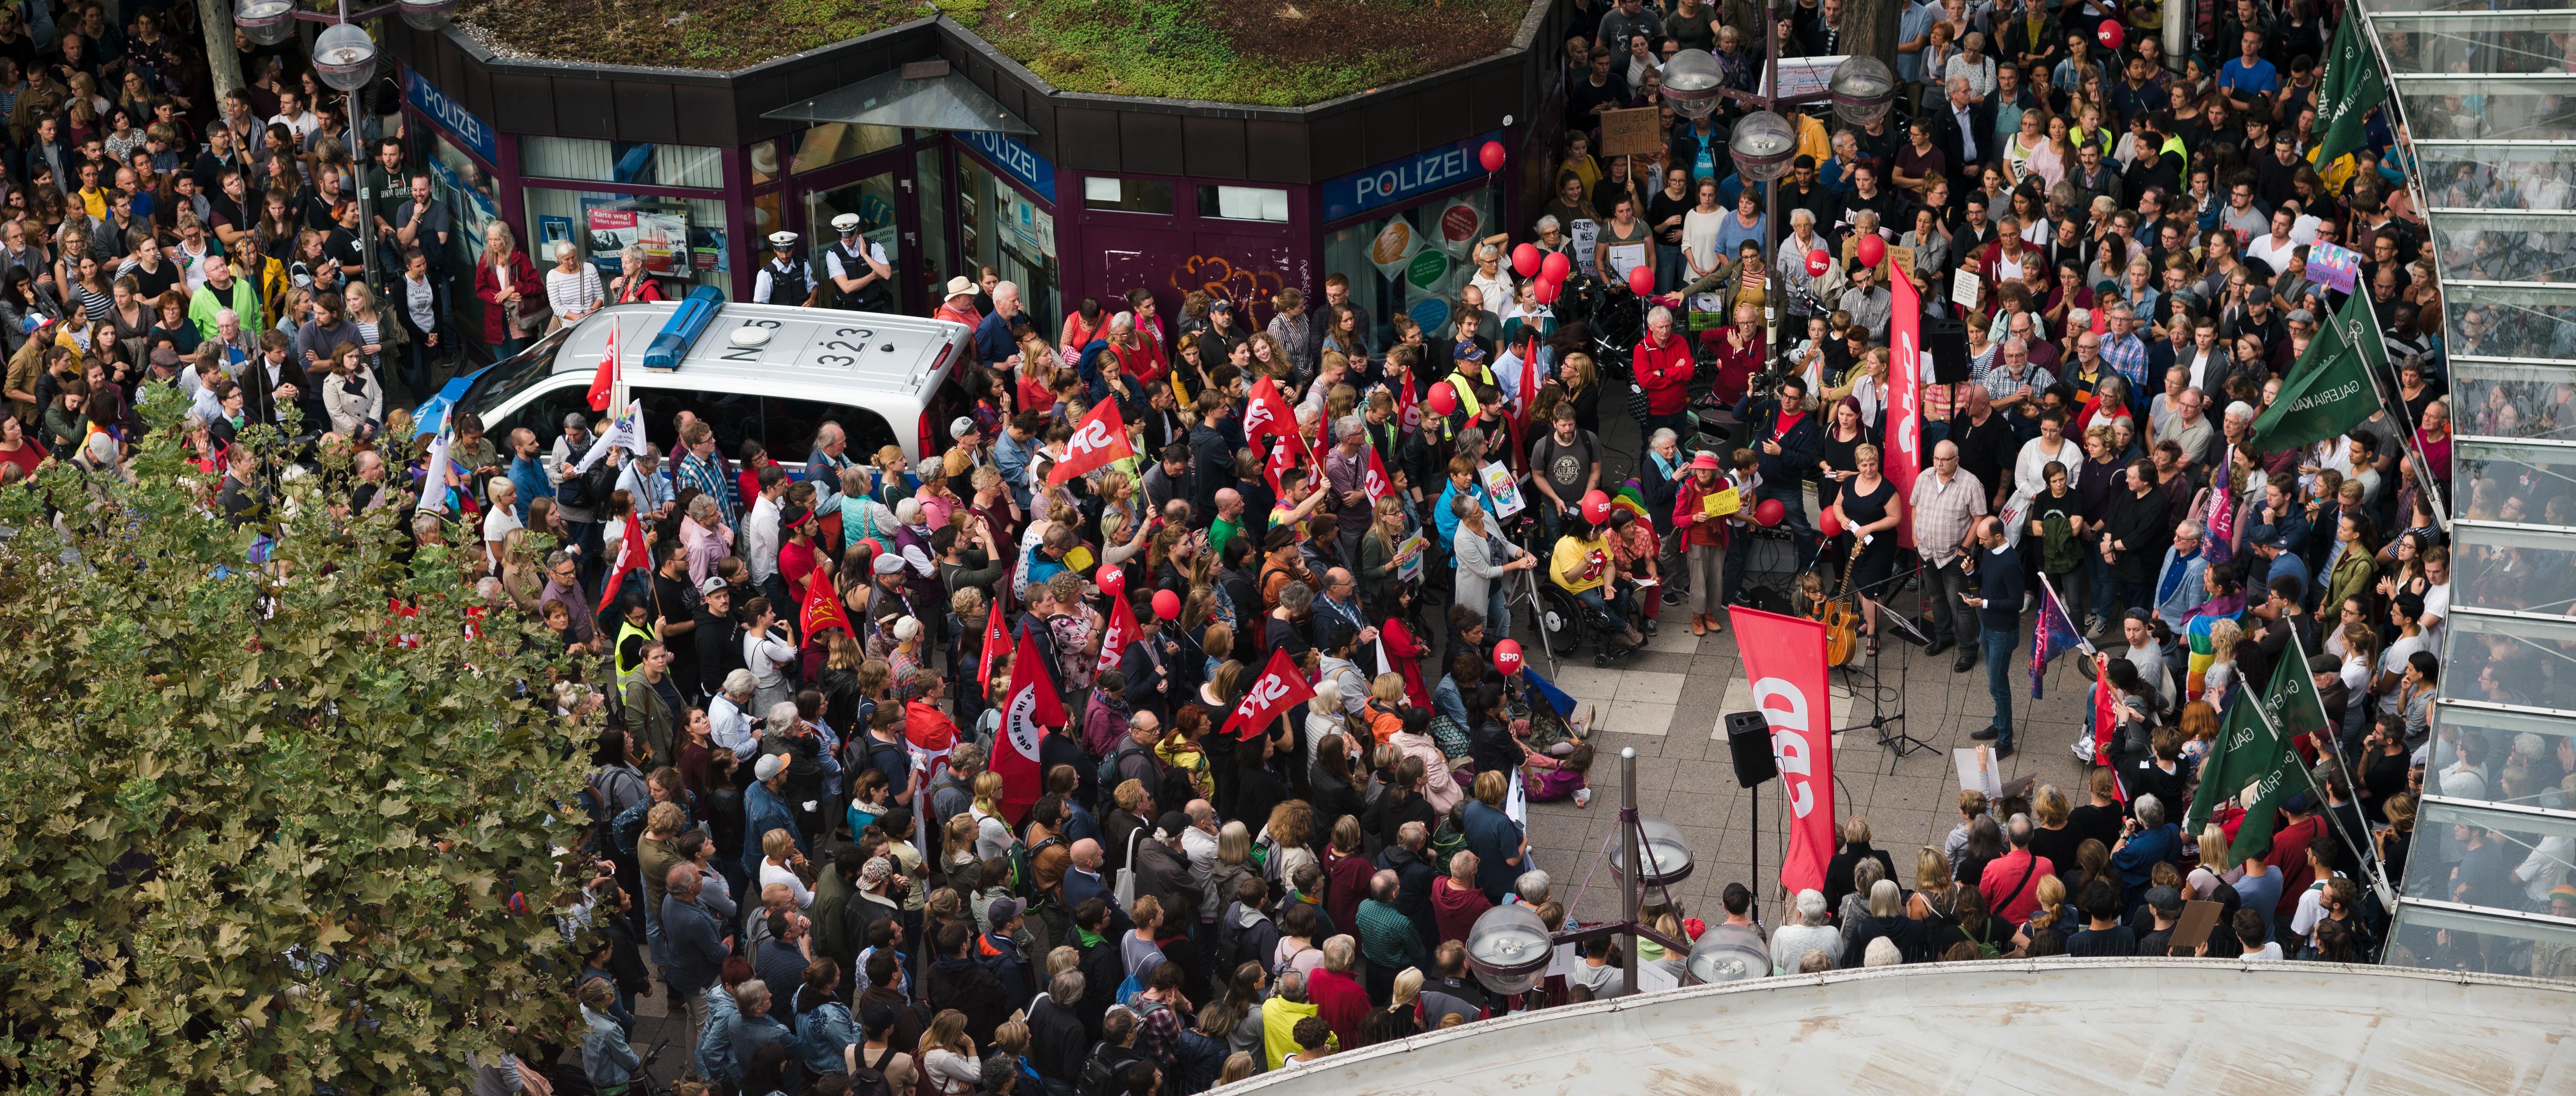 Deutlich mehr Demonstranten als erwartet versammelten sich auf dem Bismarckplatz. Foto: Nicolaus Niebylski